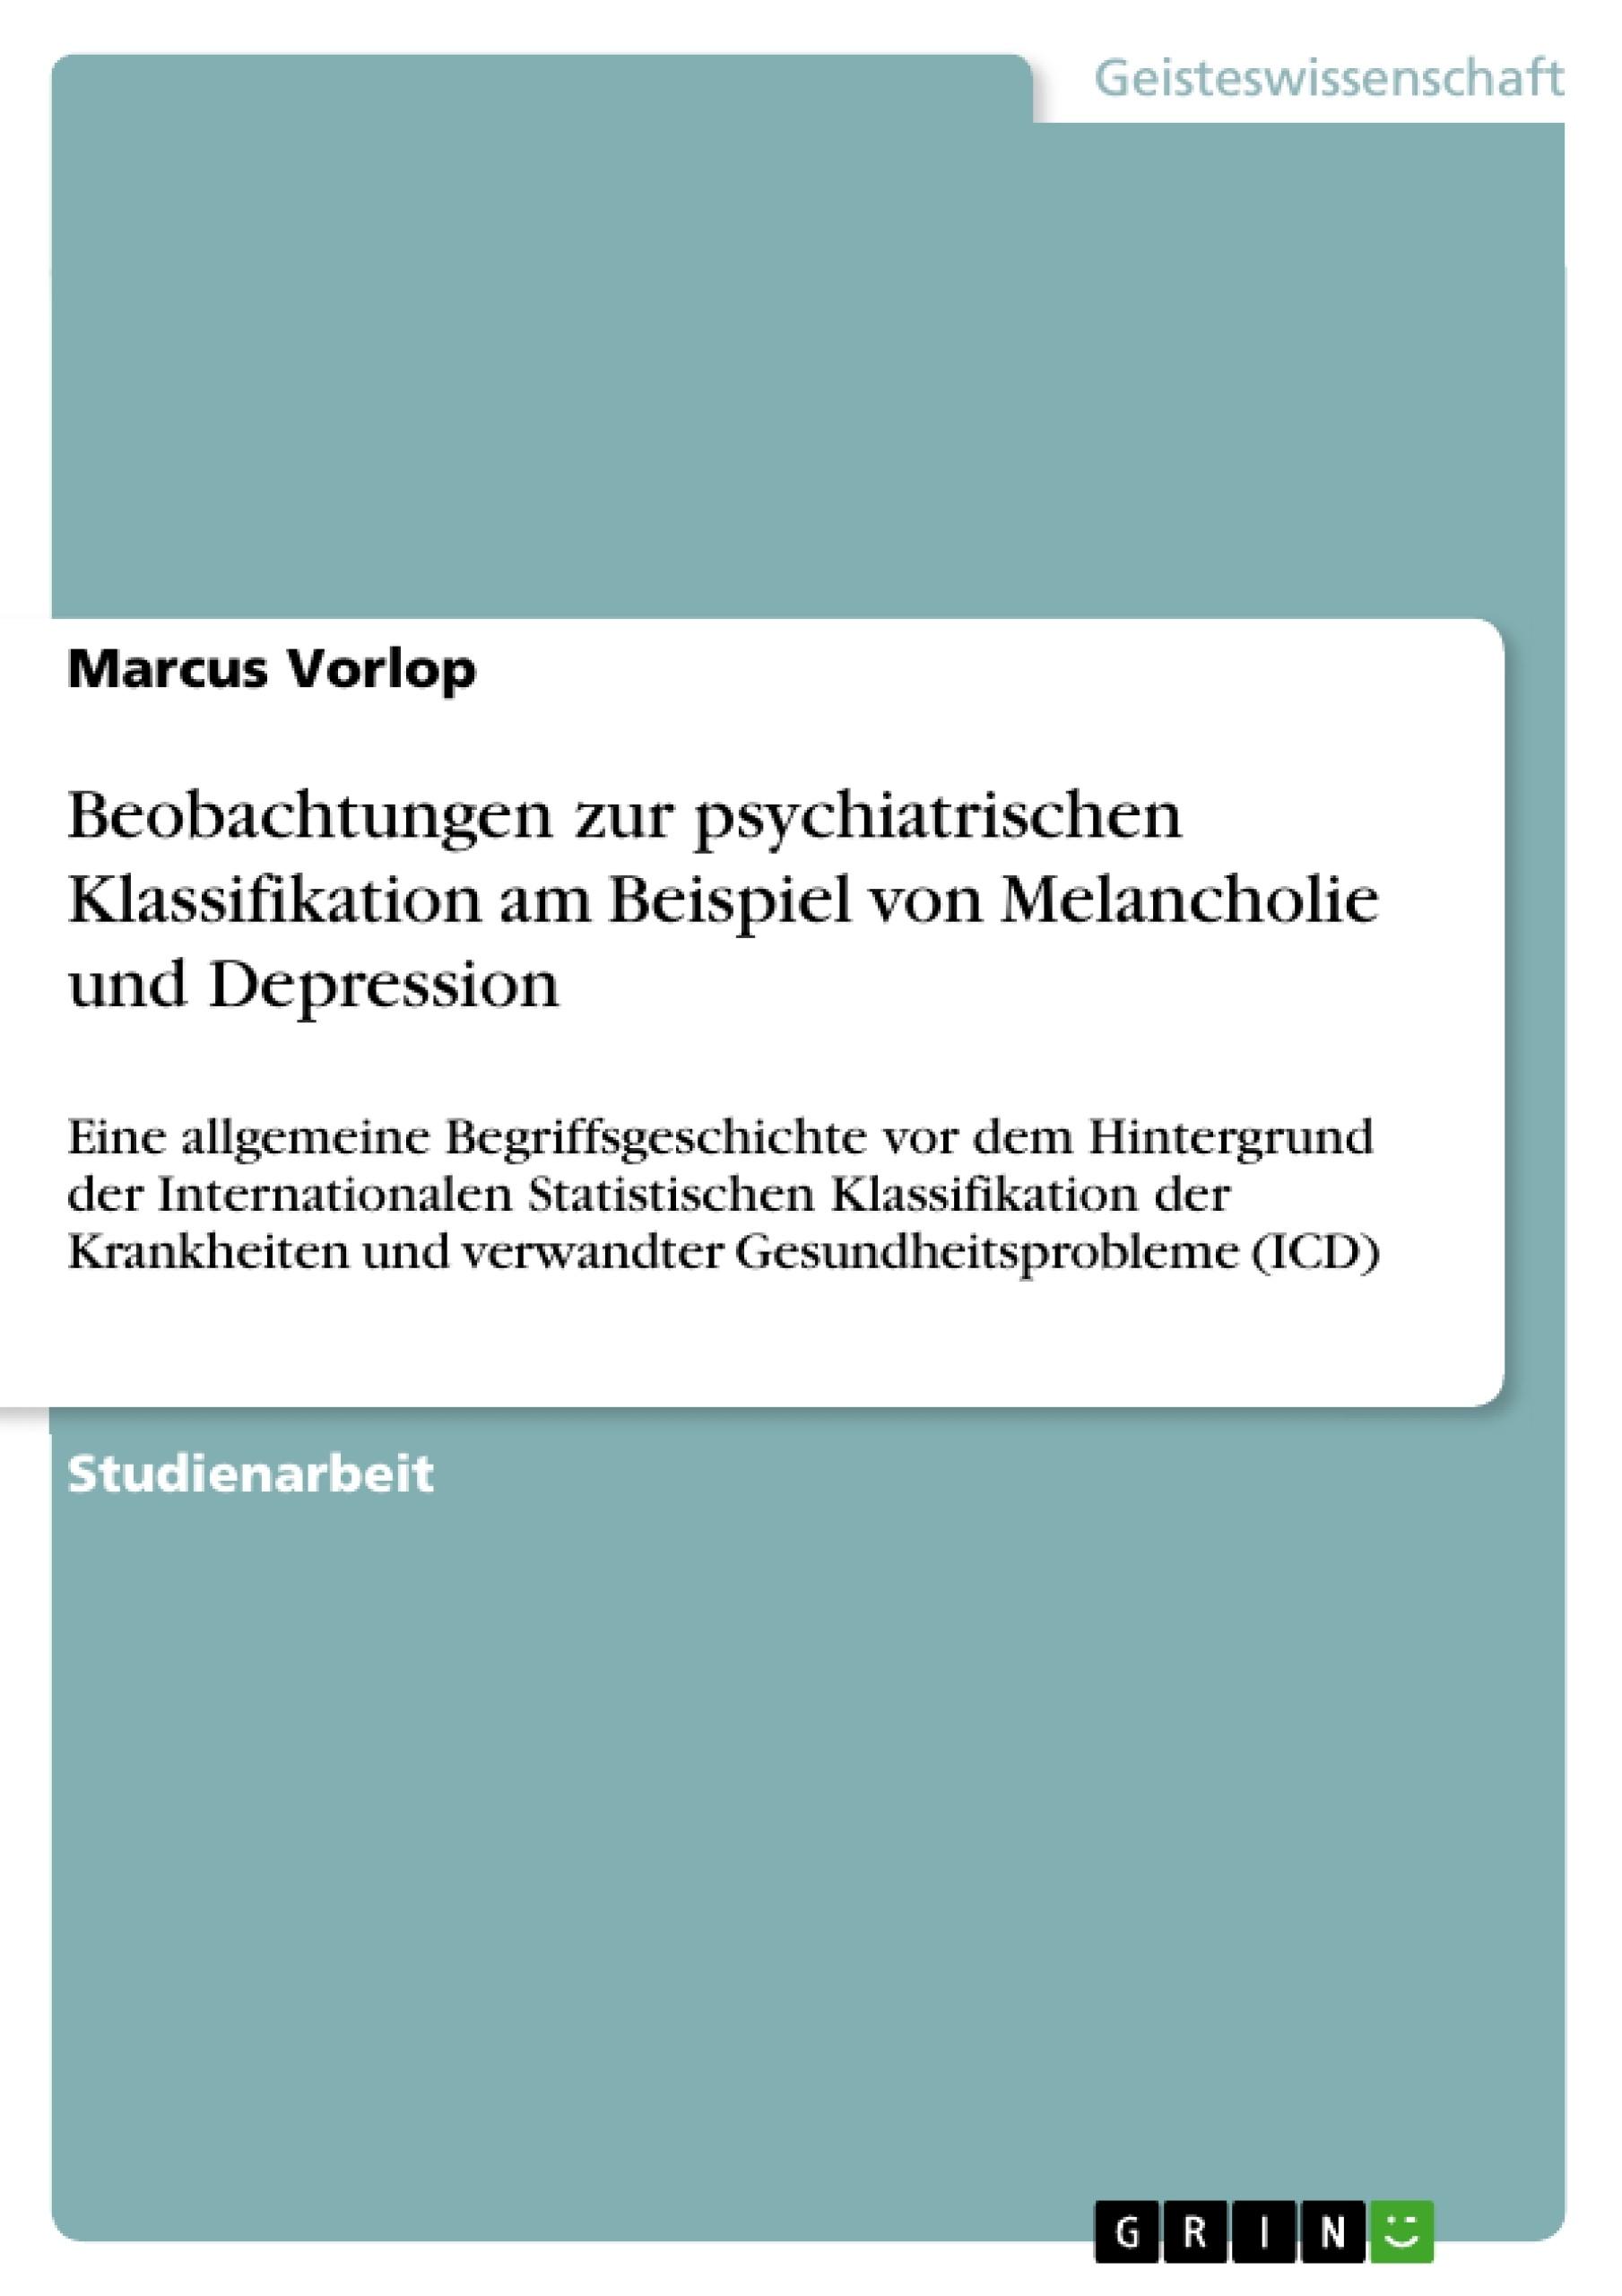 Titel: Beobachtungen zur psychiatrischen Klassifikation am Beispiel von Melancholie und Depression